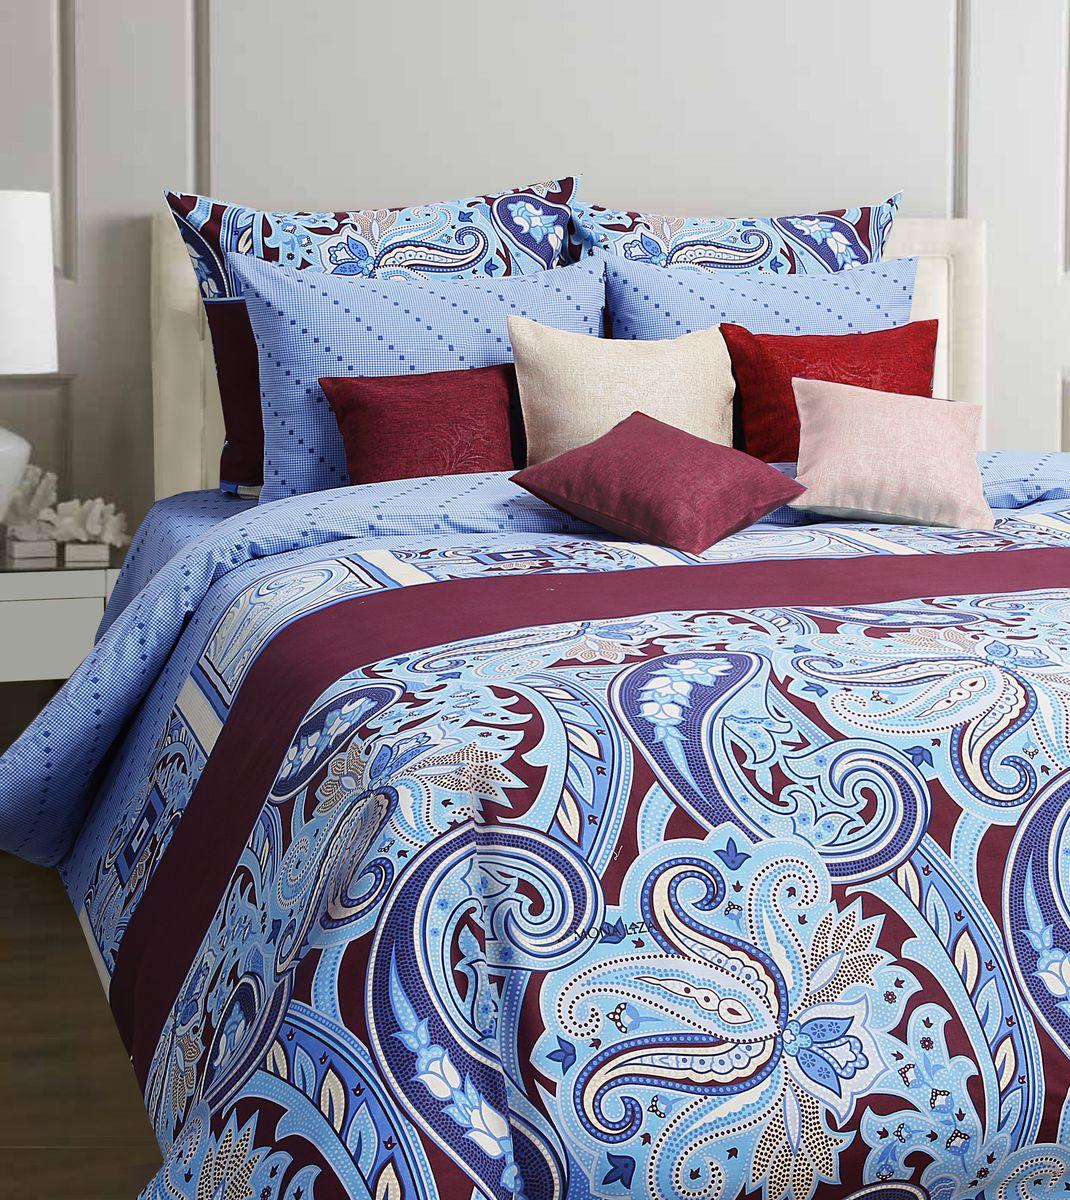 Комплект белья Mona Liza Bolero, 1,5-спальное, наволочки 50x70551116/04Комплект постельного белья Mona Liza Bolero, выполненный из бязи (100% хлопок), состоит из пододеяльника, простыни и двух наволочек. Изделия оформлены благородным орнаментом. Пододеяльник на пуговицах. Бязь - ткань полотняного переплетения с незначительной сминаемостью, хорошо сохраняющая цвет при стирке, легкая, с прекрасными гигиеническими показателями. Такой комплект подойдет для любого стилевого и цветового решения интерьера, а также создаст в доме уют.